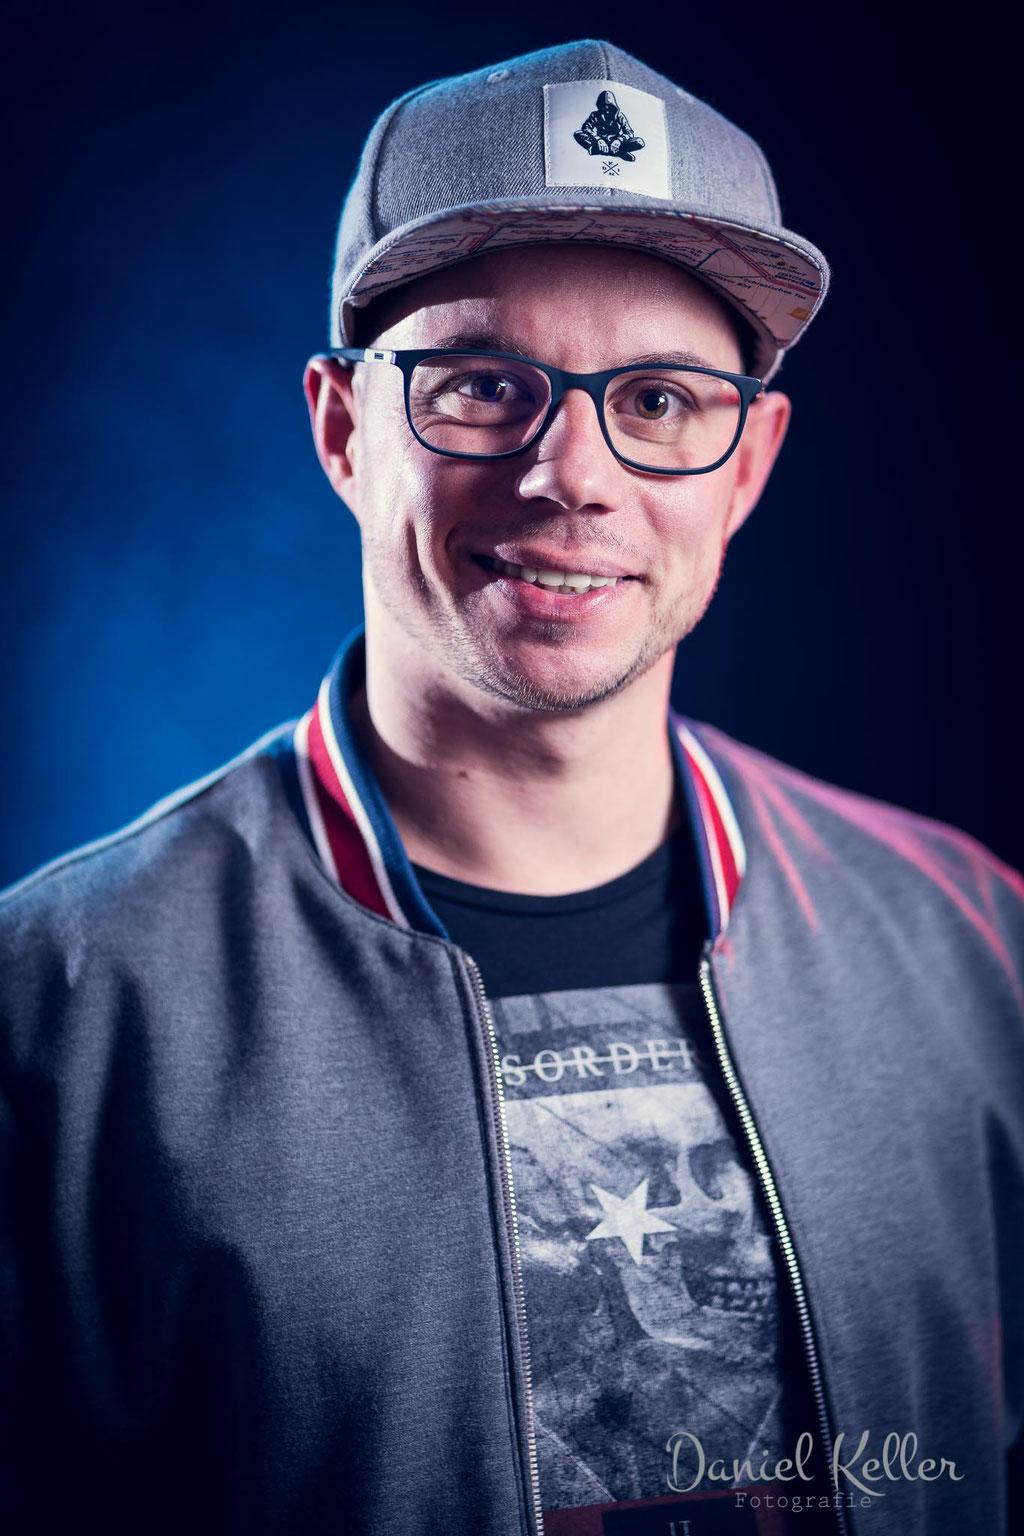 Florian-Music & More / Daniel Keller Fotografie